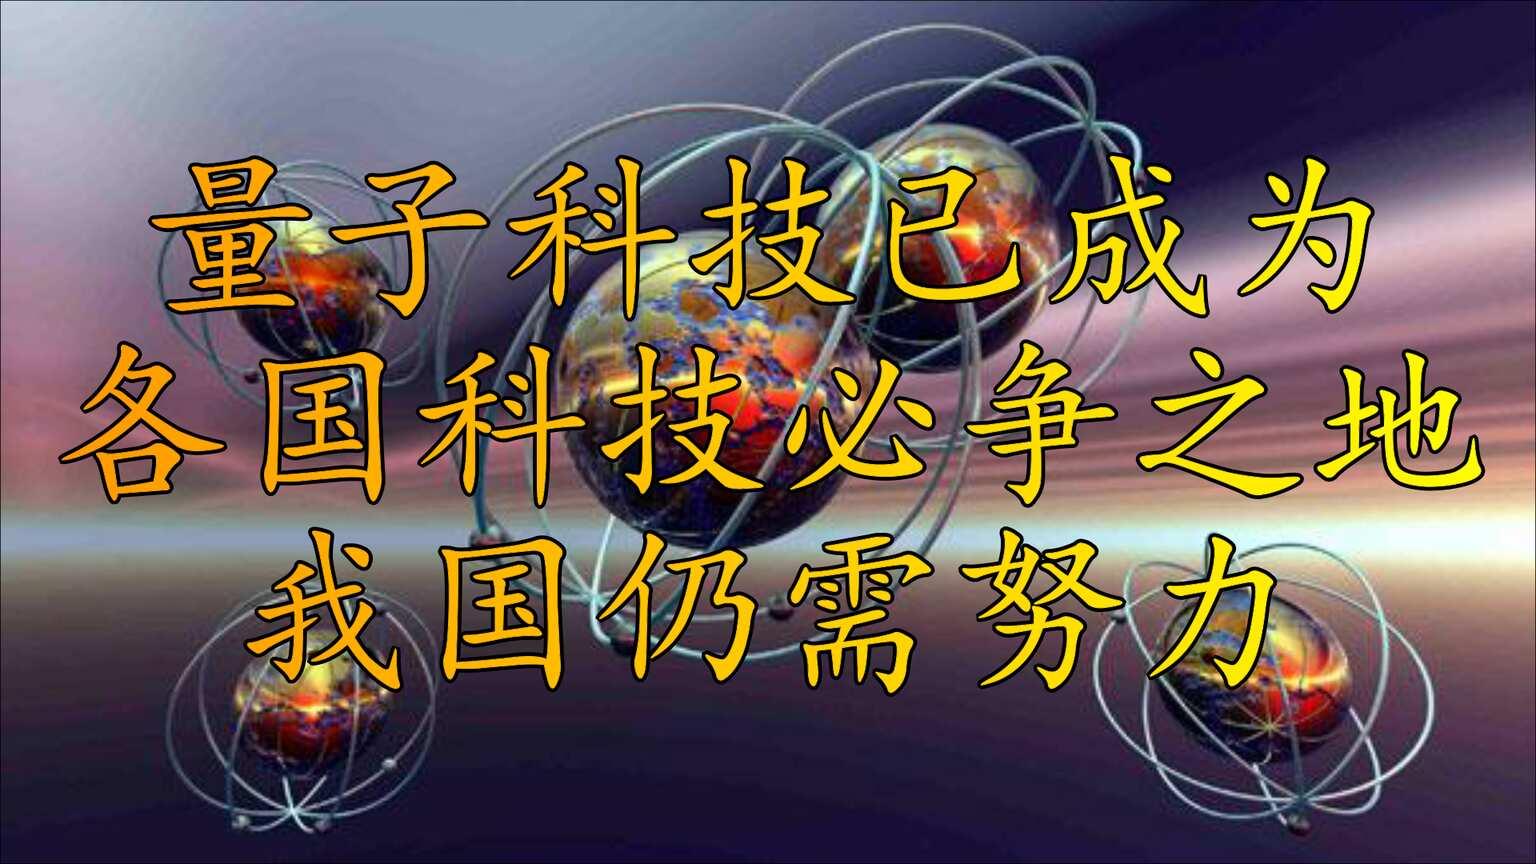 墨子号量子卫星发射,量子科技再成各国必争领域